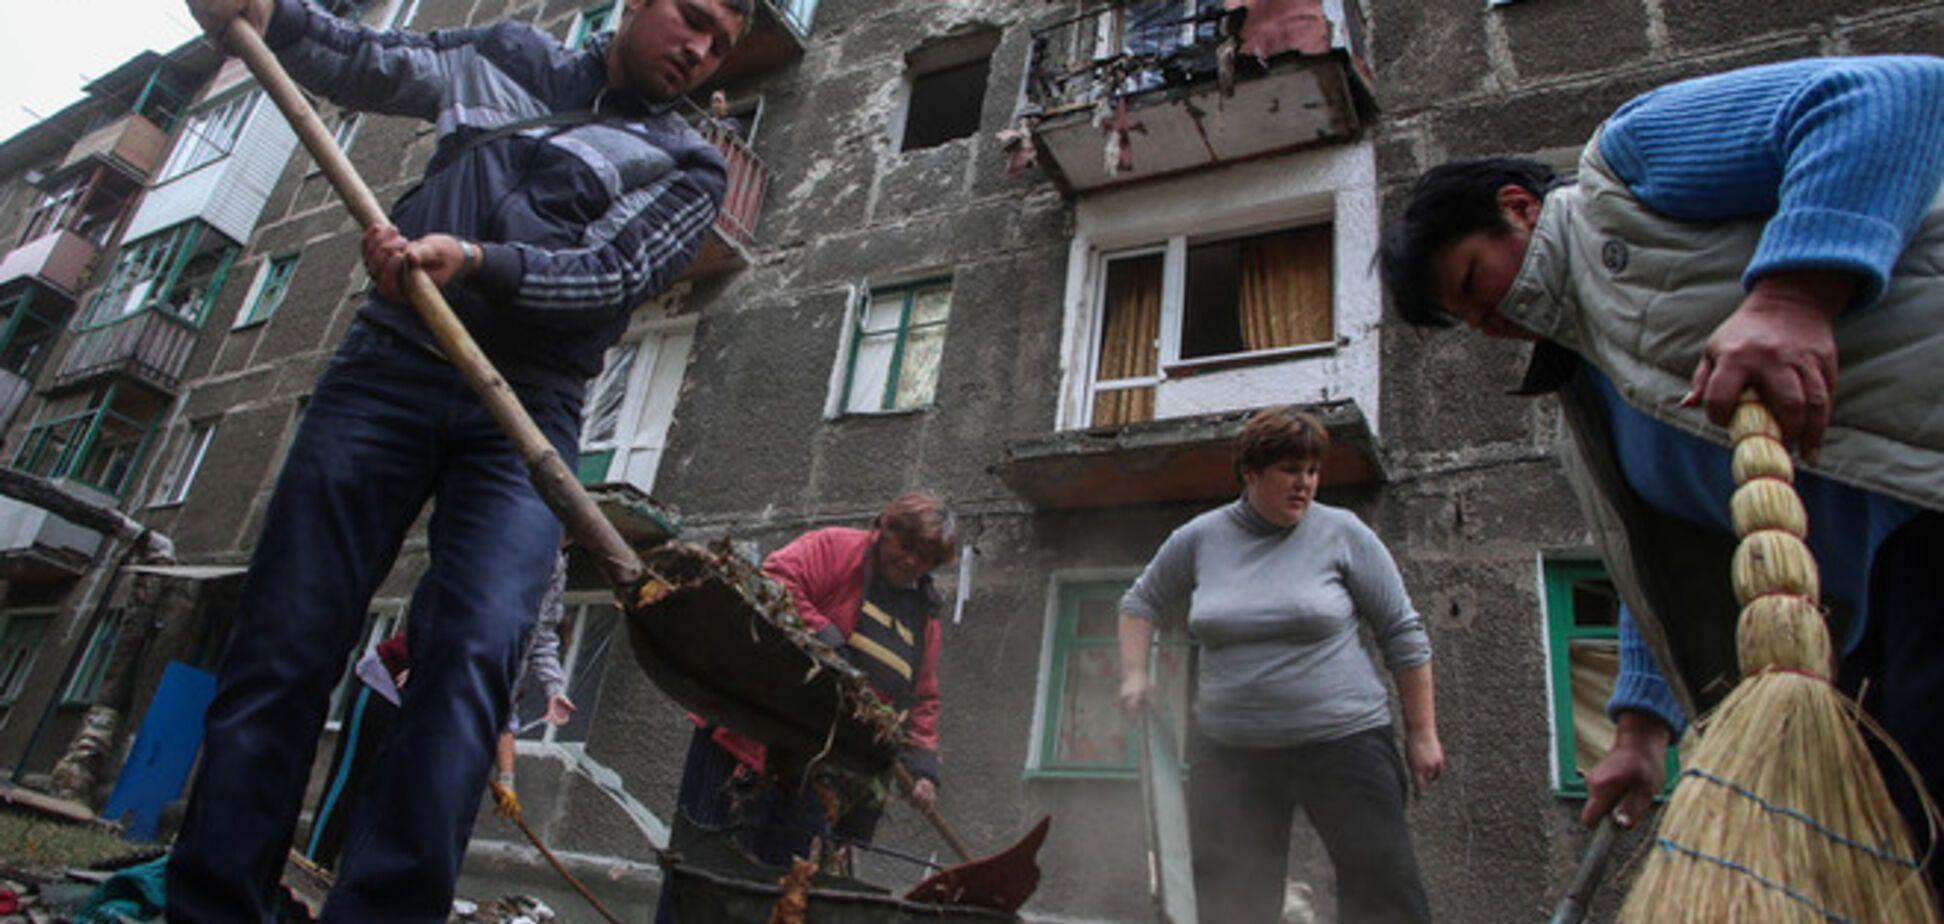 Понедельник стал первым днем на Луганщине без стрельбы - Москаль